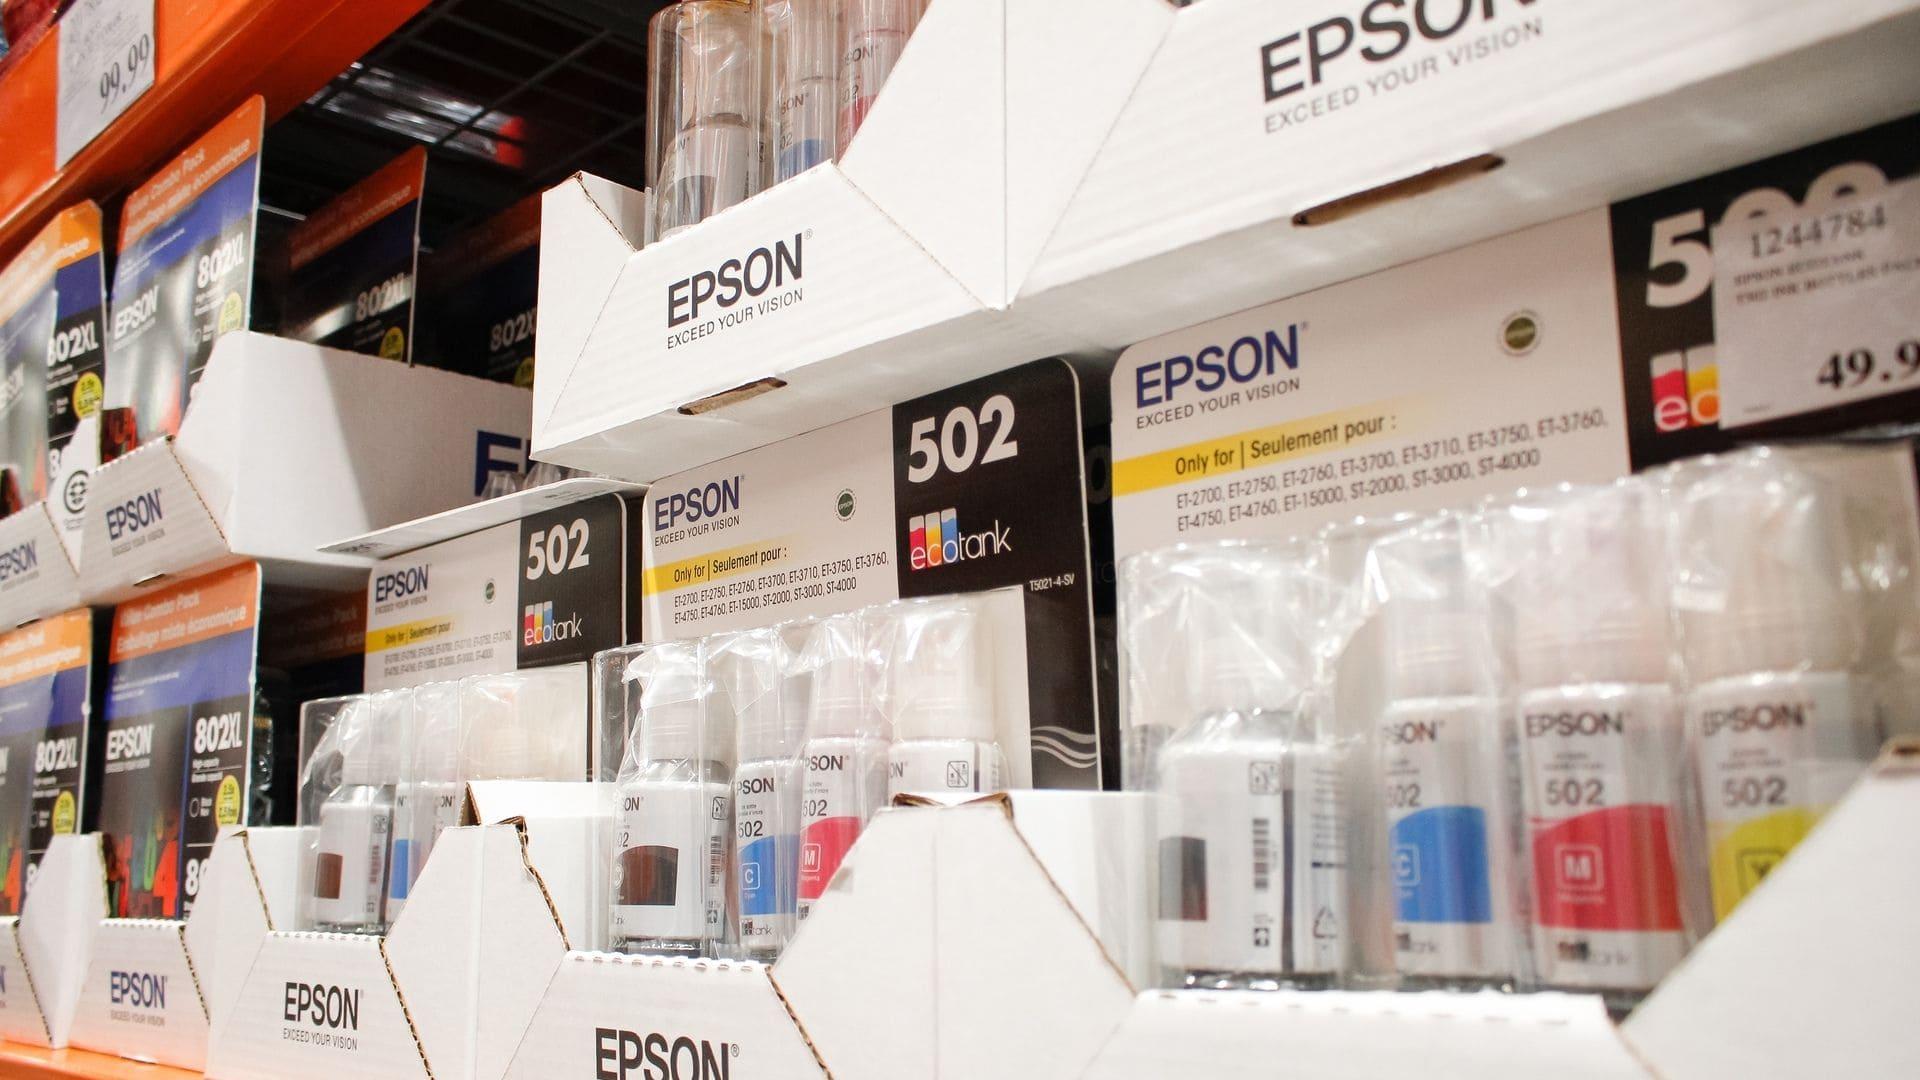 Prateleiras com tintas para impressora Epson